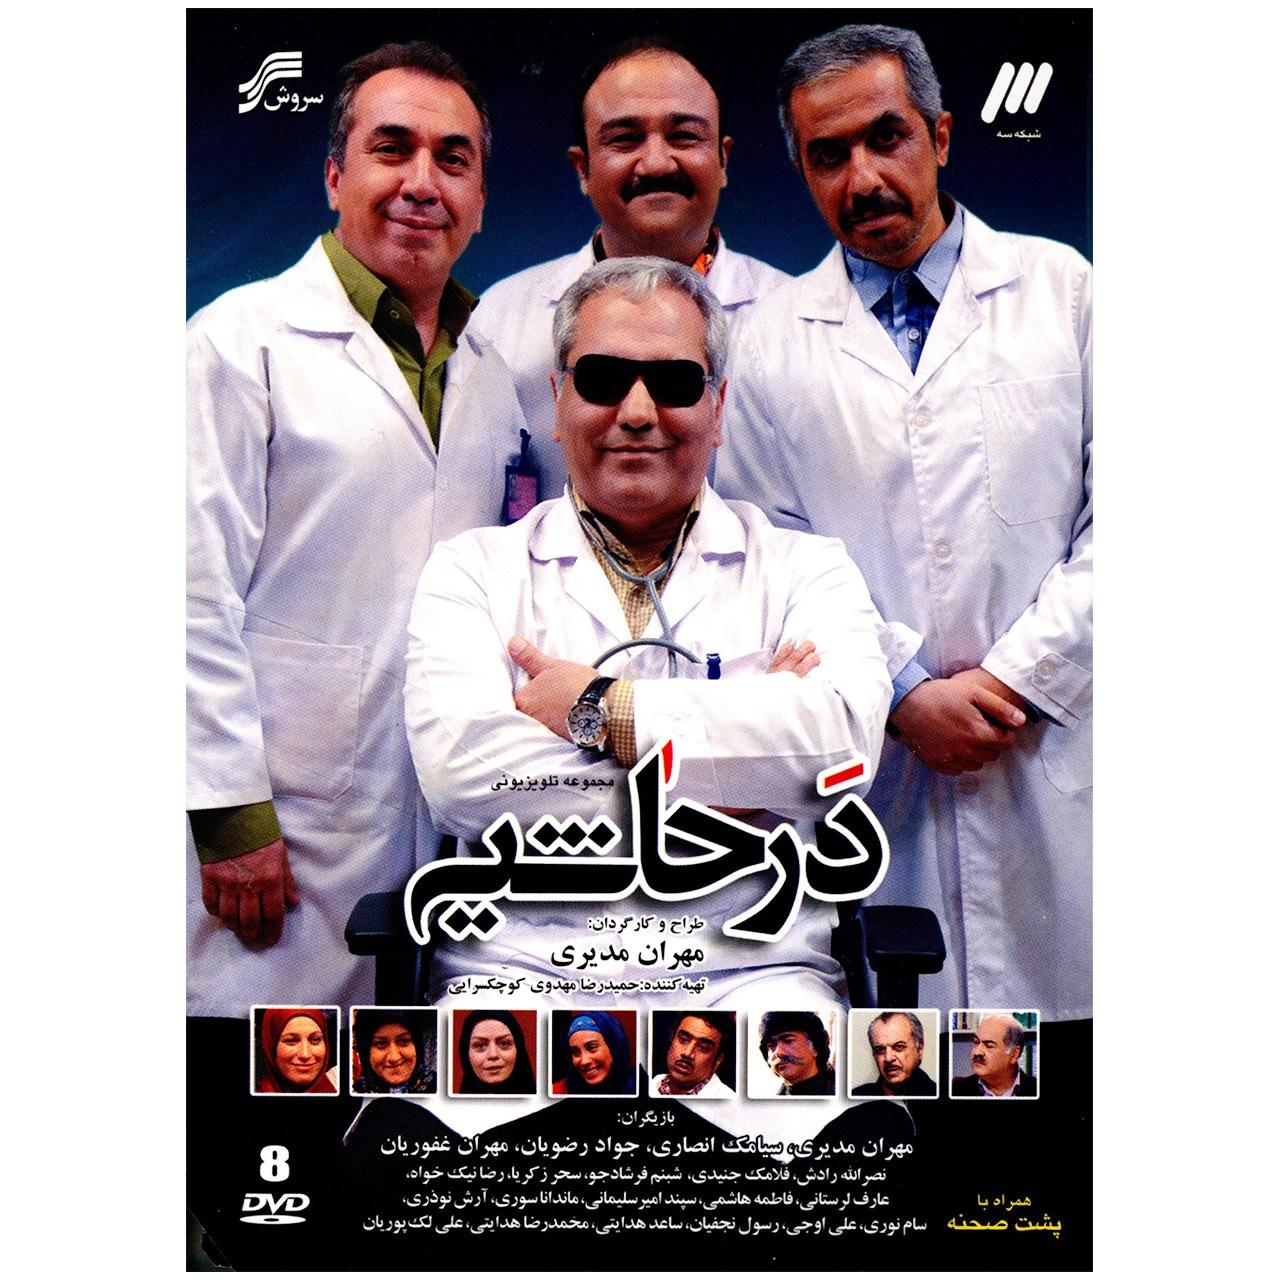 سریال تلویزیونی در حاشیه اثر مهران مدیری